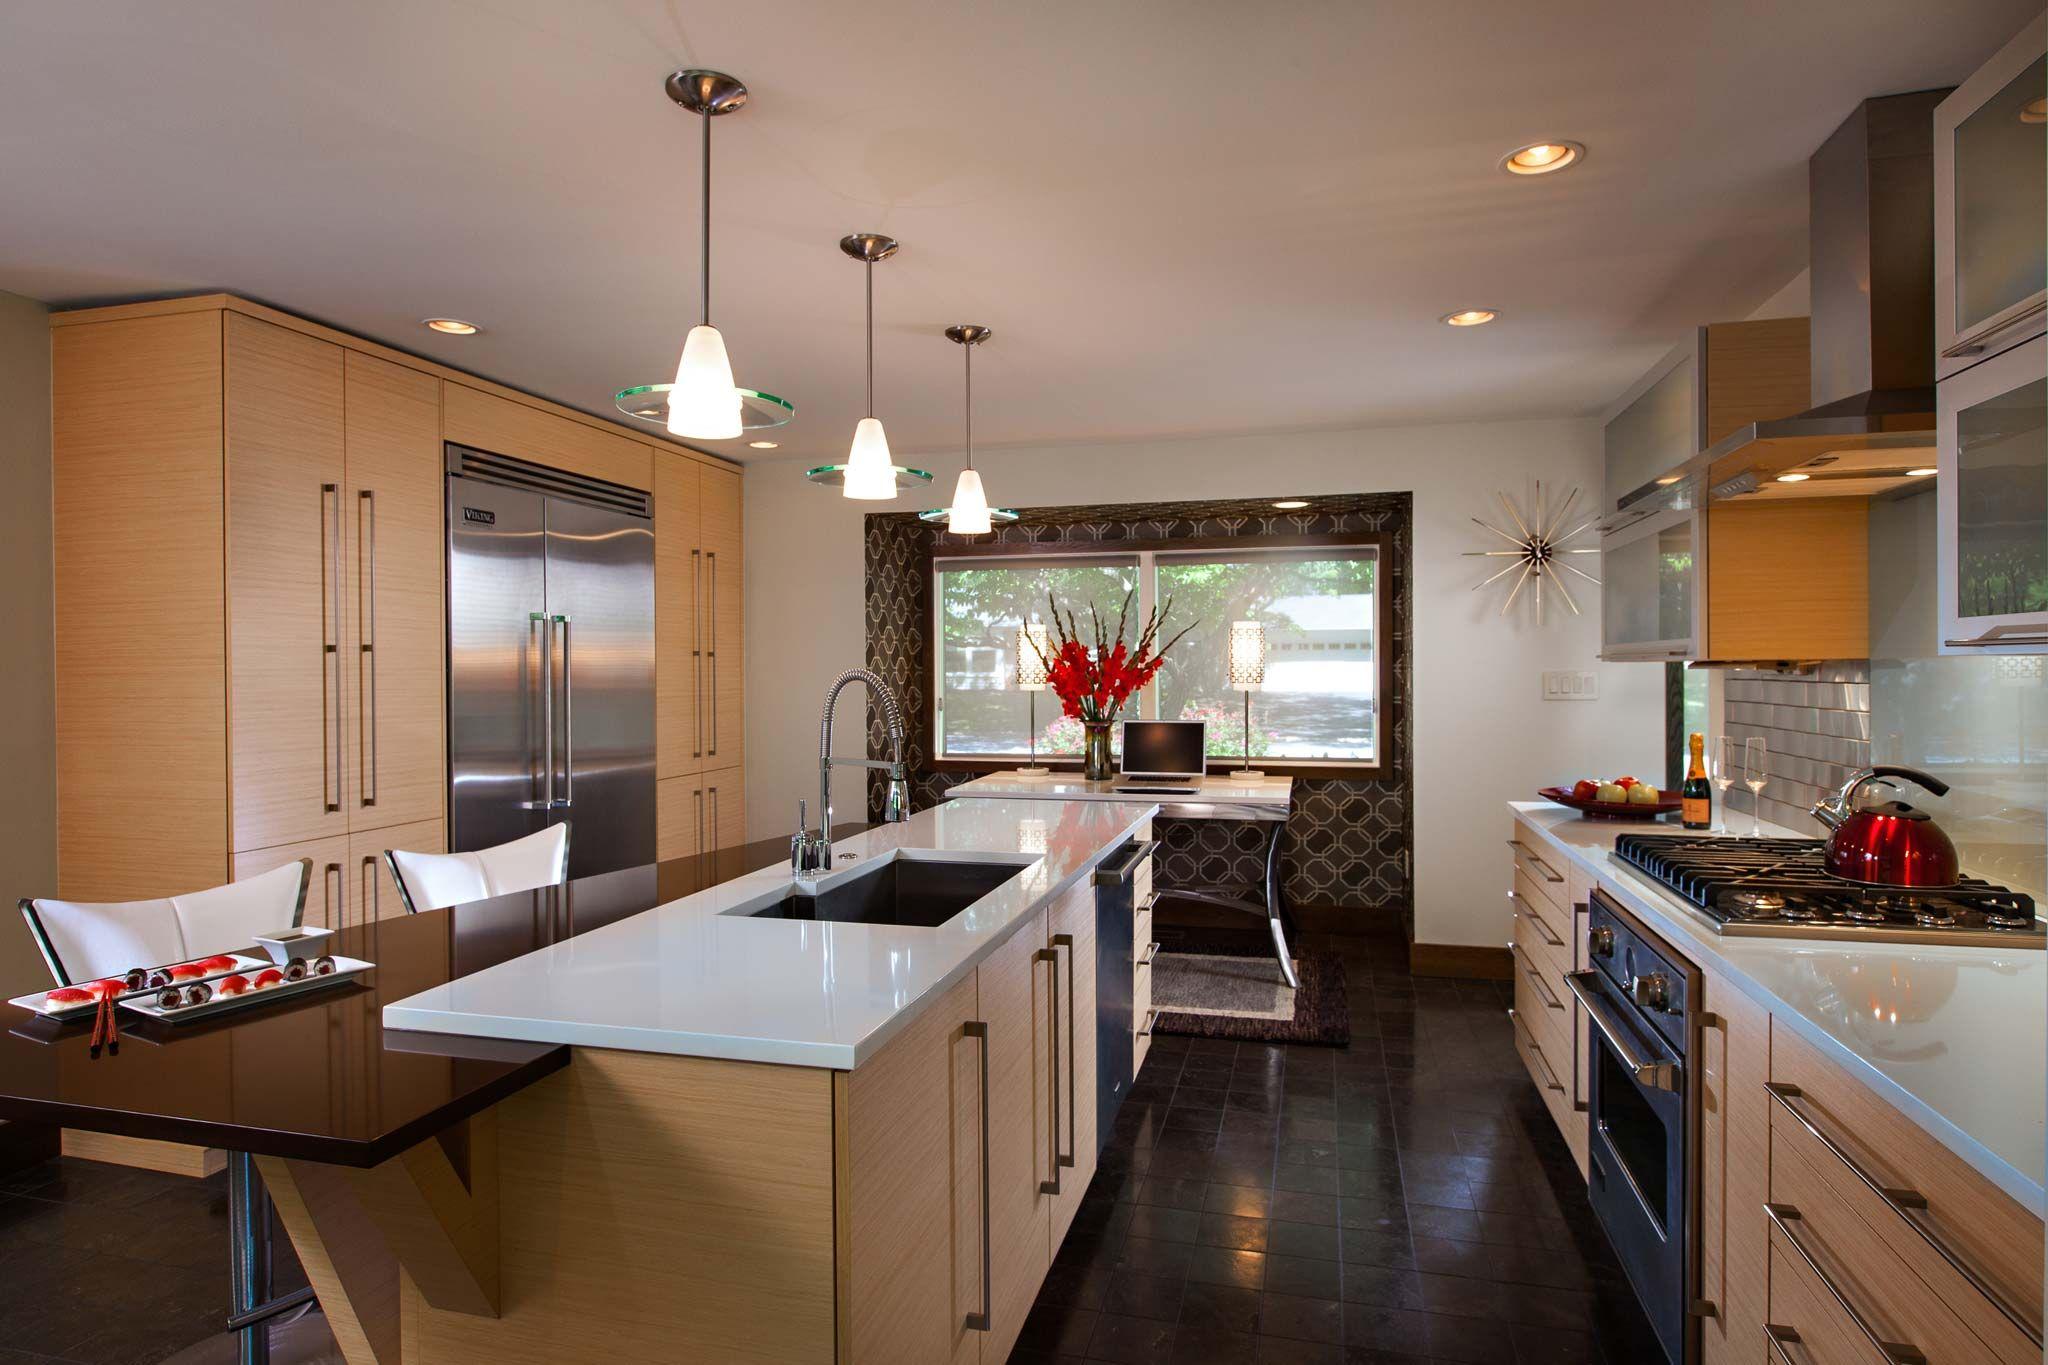 CampHillPAGalleyKitchenRemodelw Warm Modern Kitchen